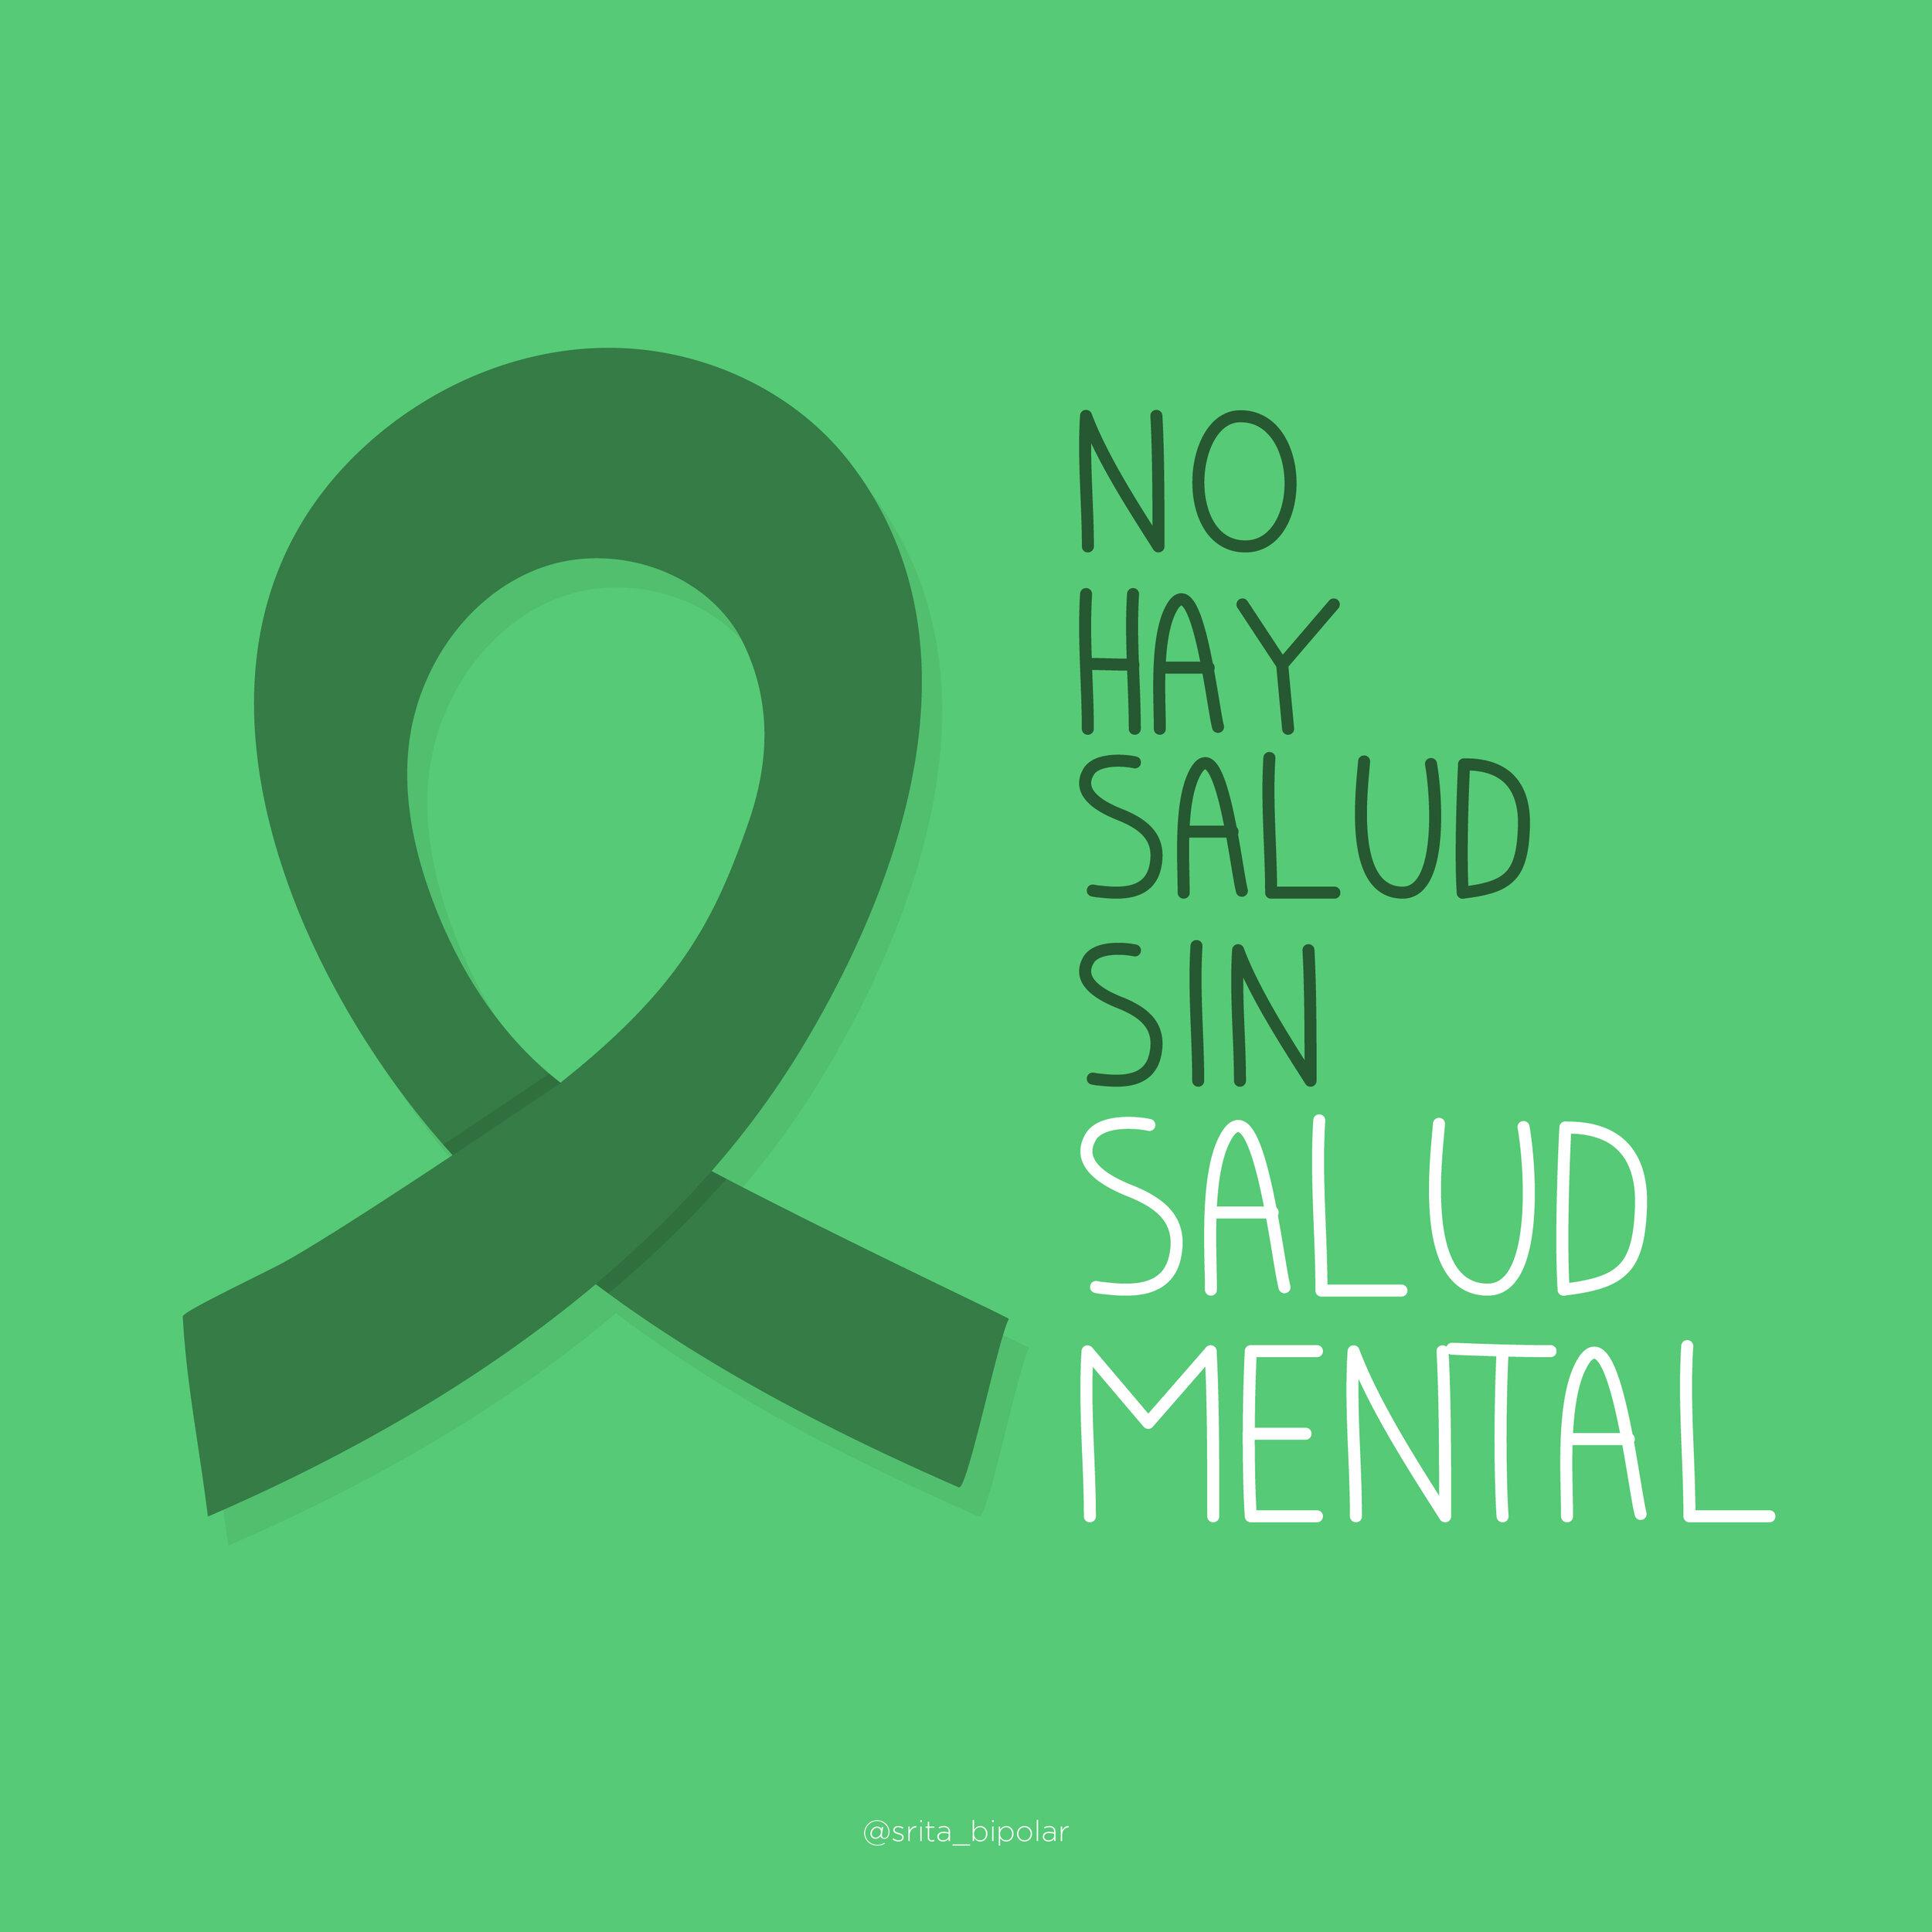 saludMental2.jpg